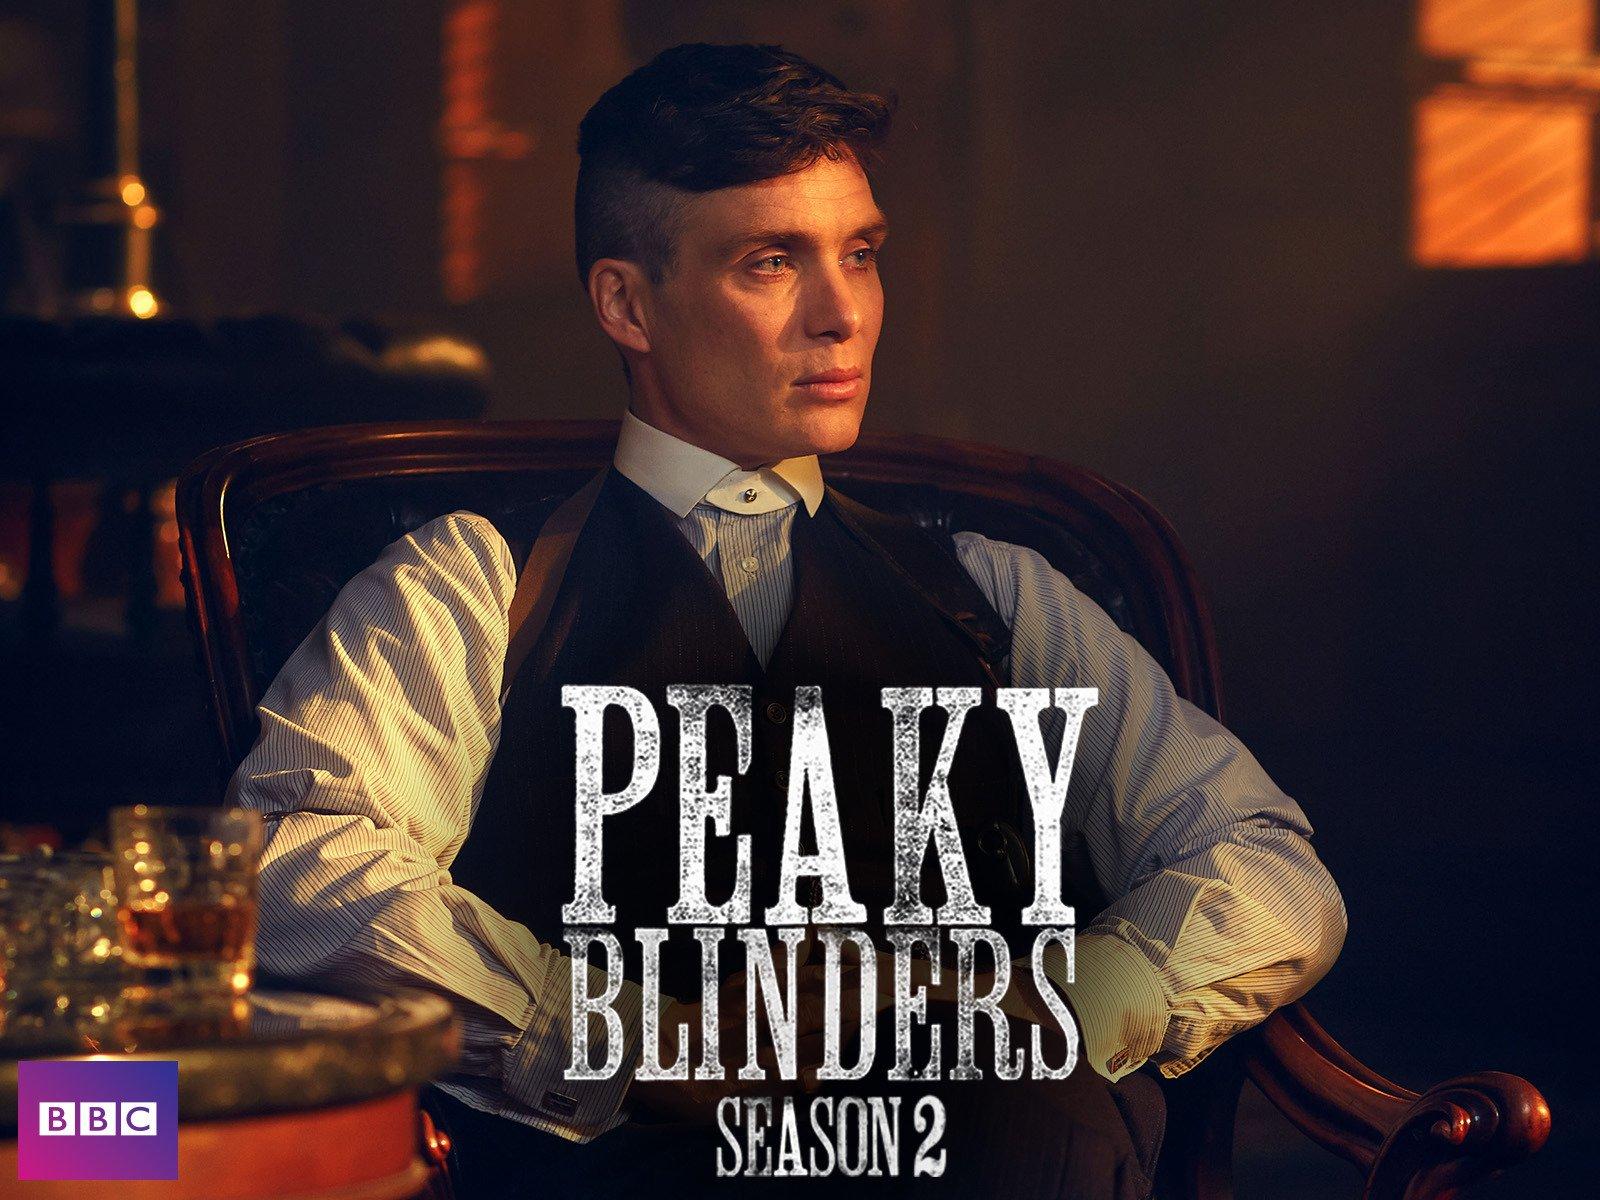 watch peaky blinders season 2 online free